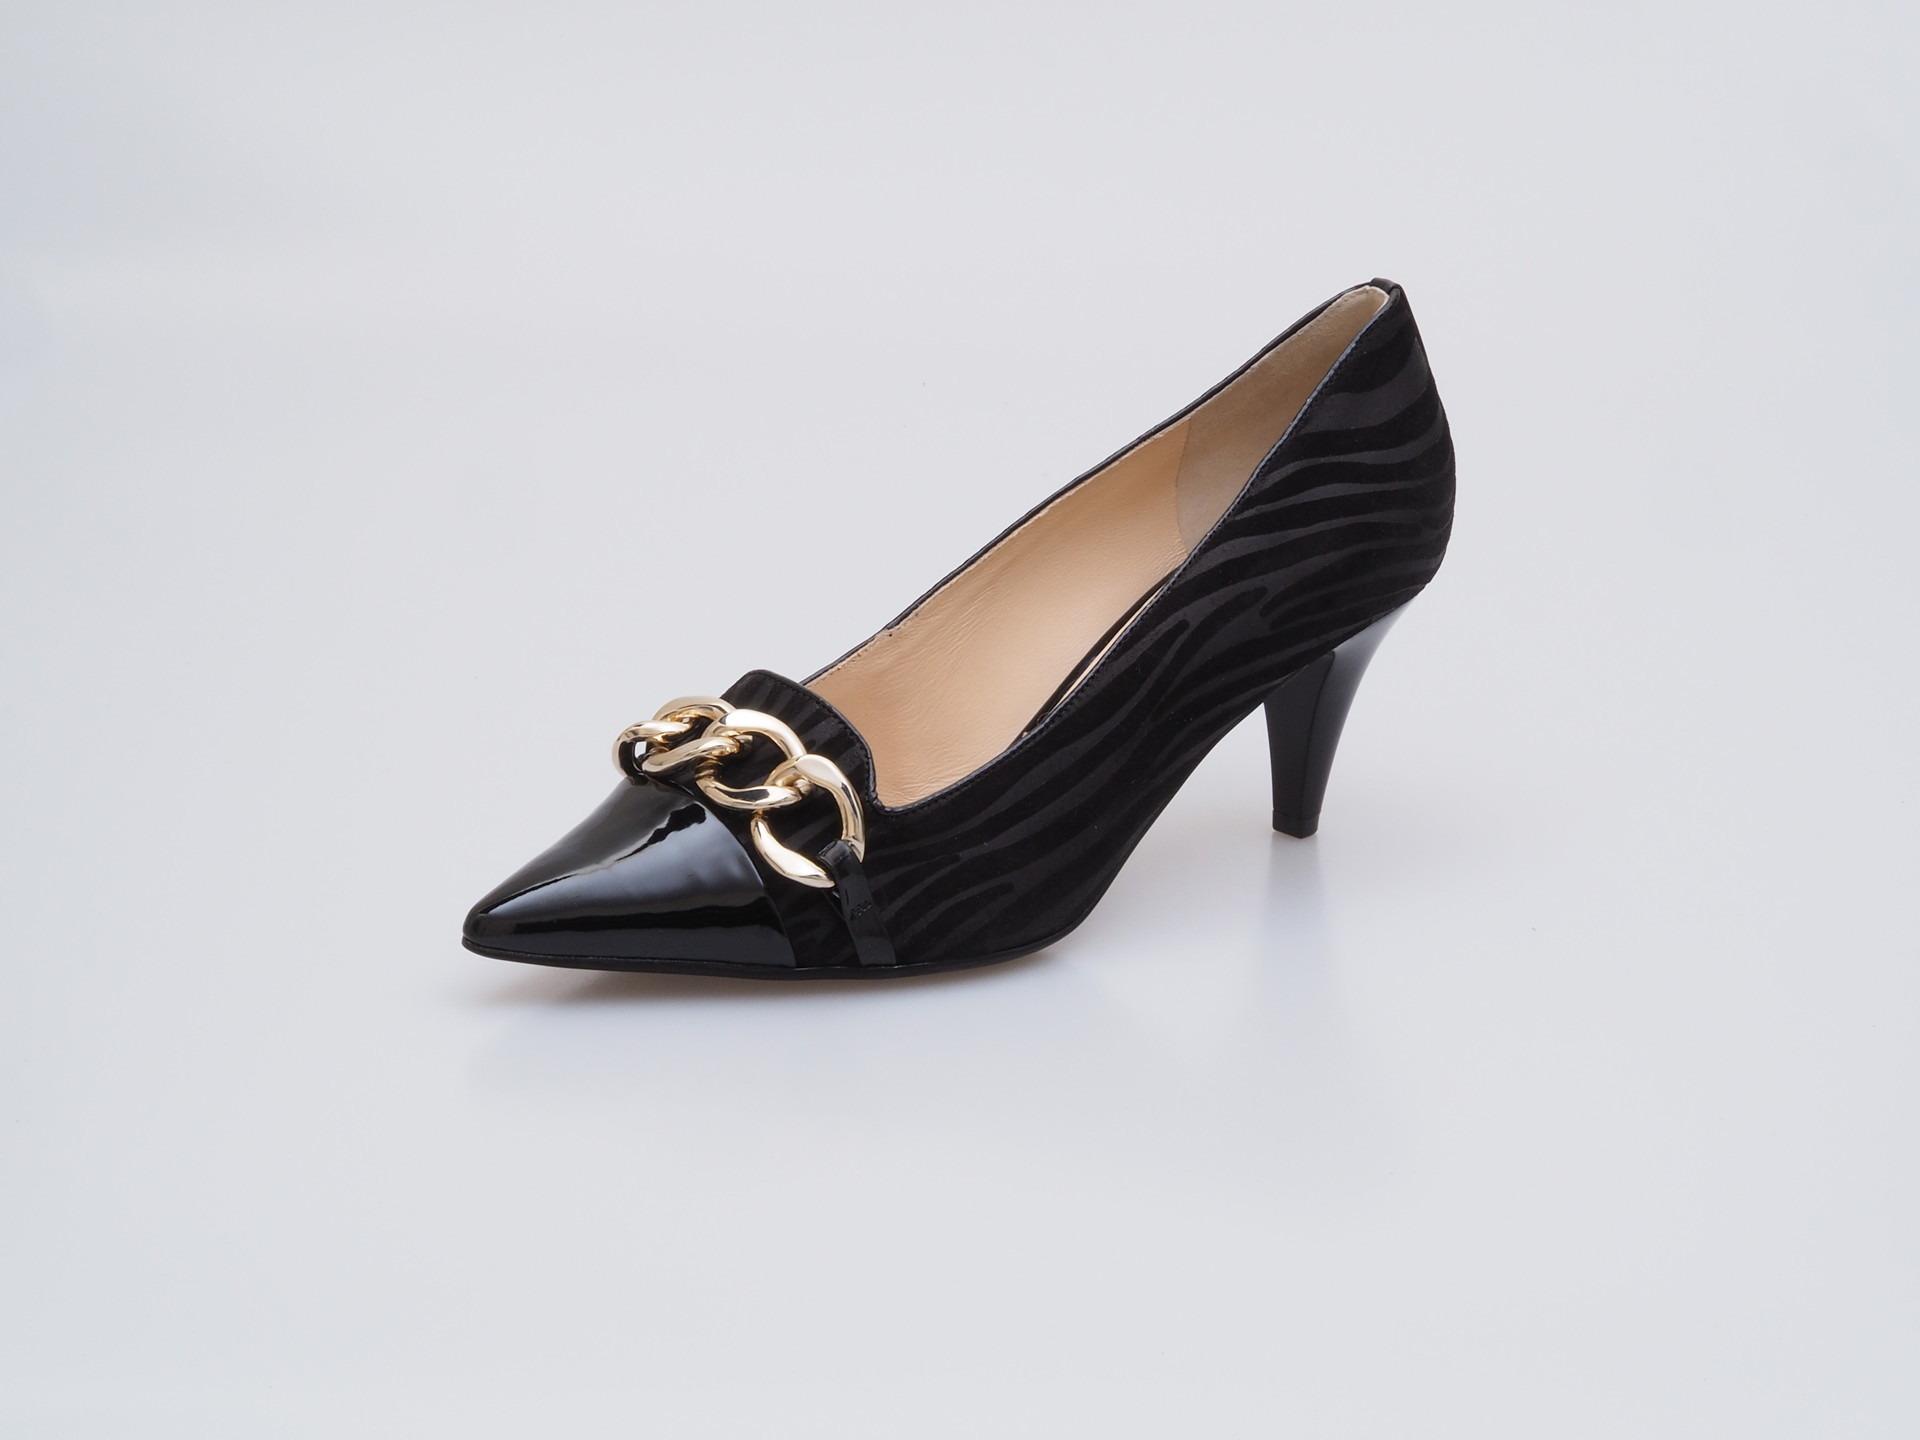 Soňa - Dámska obuv - Lodičky - Čierne lodičky s lesklou špicou a ... 095c4869793